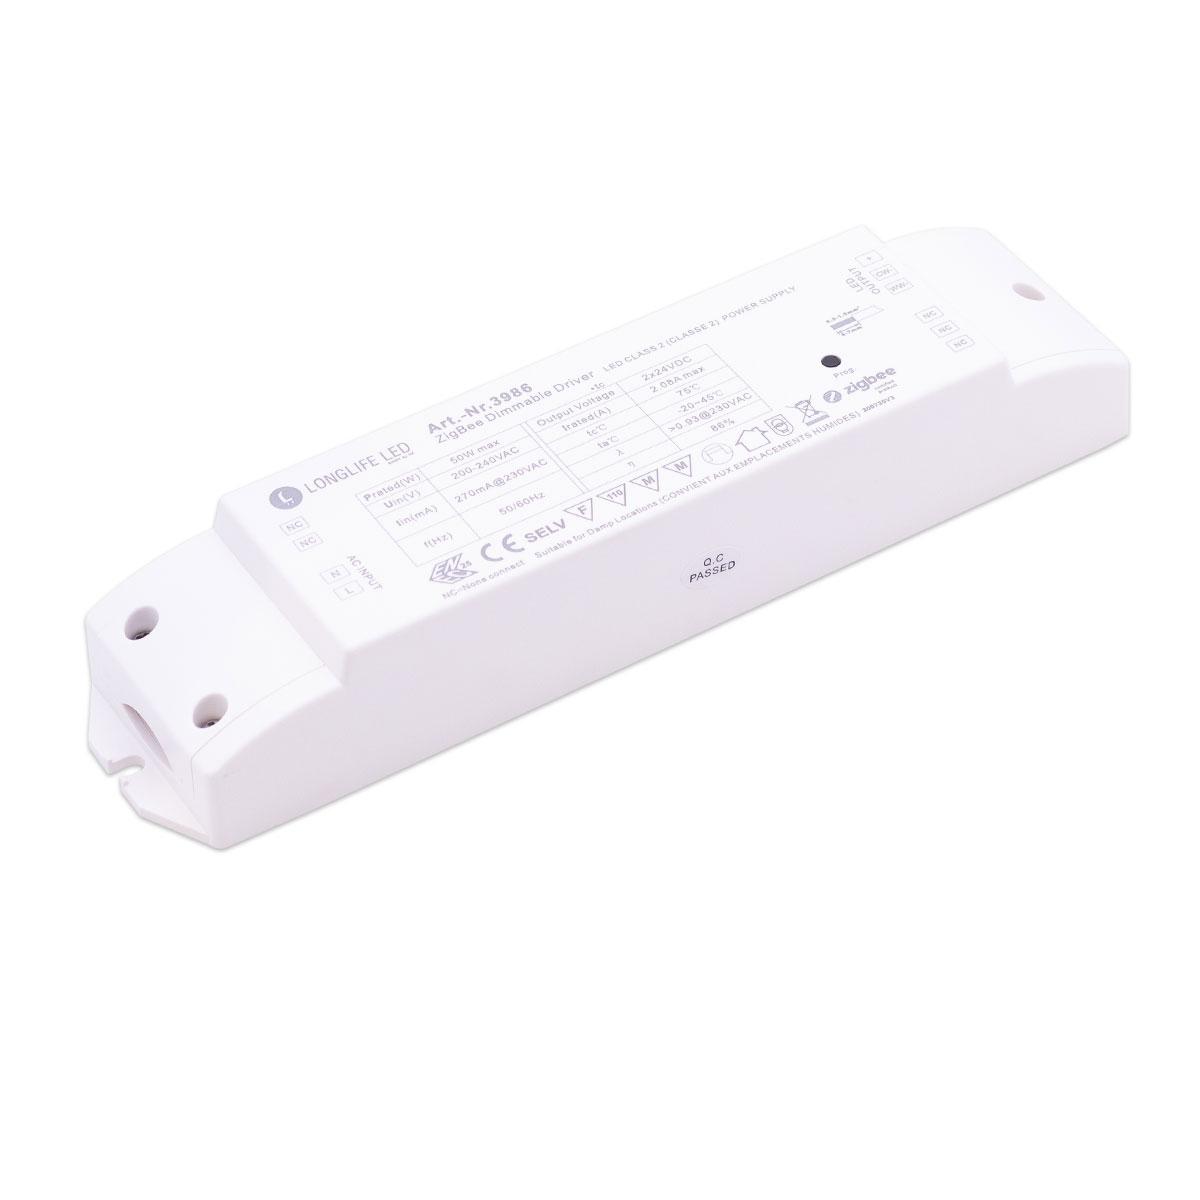 ATOS CCT LED Netzteil ZigBee 3.0 2-Kanal Controller 50W 24V 2.08A IP20